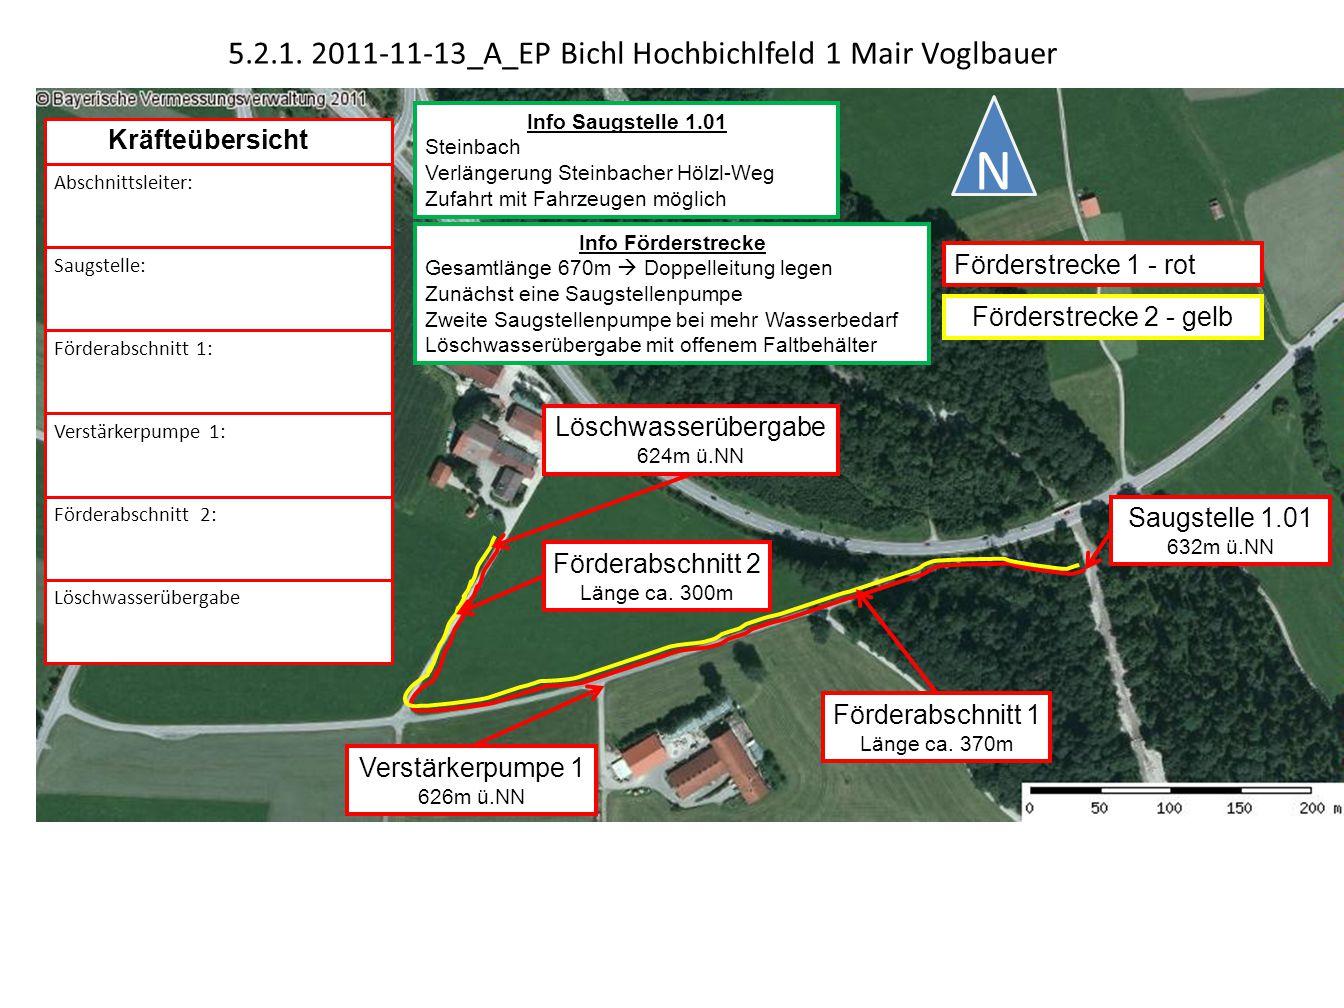 Saugstelle 1.01 632m ü.NN Verstärkerpumpe 1 626m ü.NN Löschwasserübergabe 624m ü.NN 5.2.1.